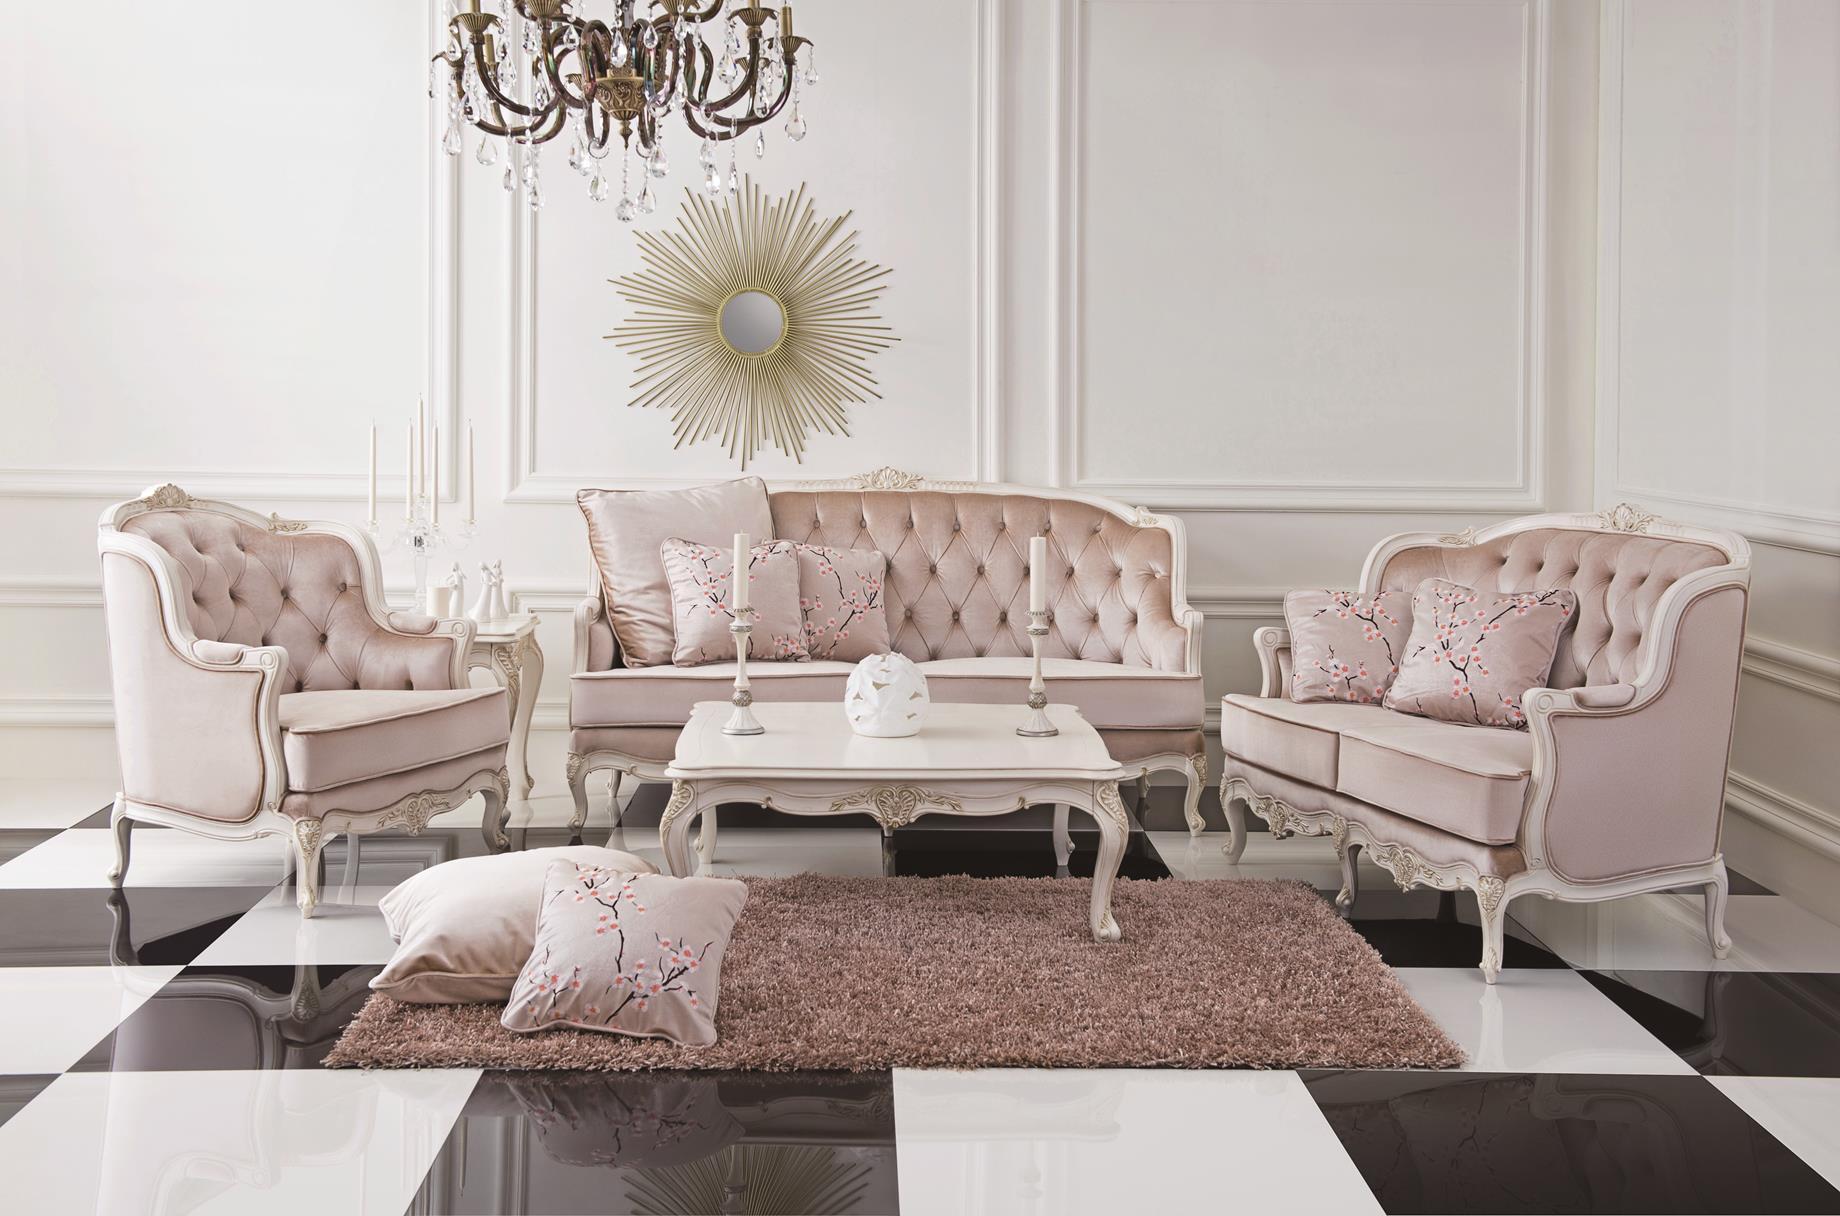 Сбор заказов. Потрясающие коллекции мебели из дерева лучших пород от известных азиатских производителей, A-s-h-l-e-y, B-o-g-a-c-h-o. Мягкая мебель мебель для спален и гостиных, столовые группы, реклайнеры,кабинеты, а так же аксессуары.- 18